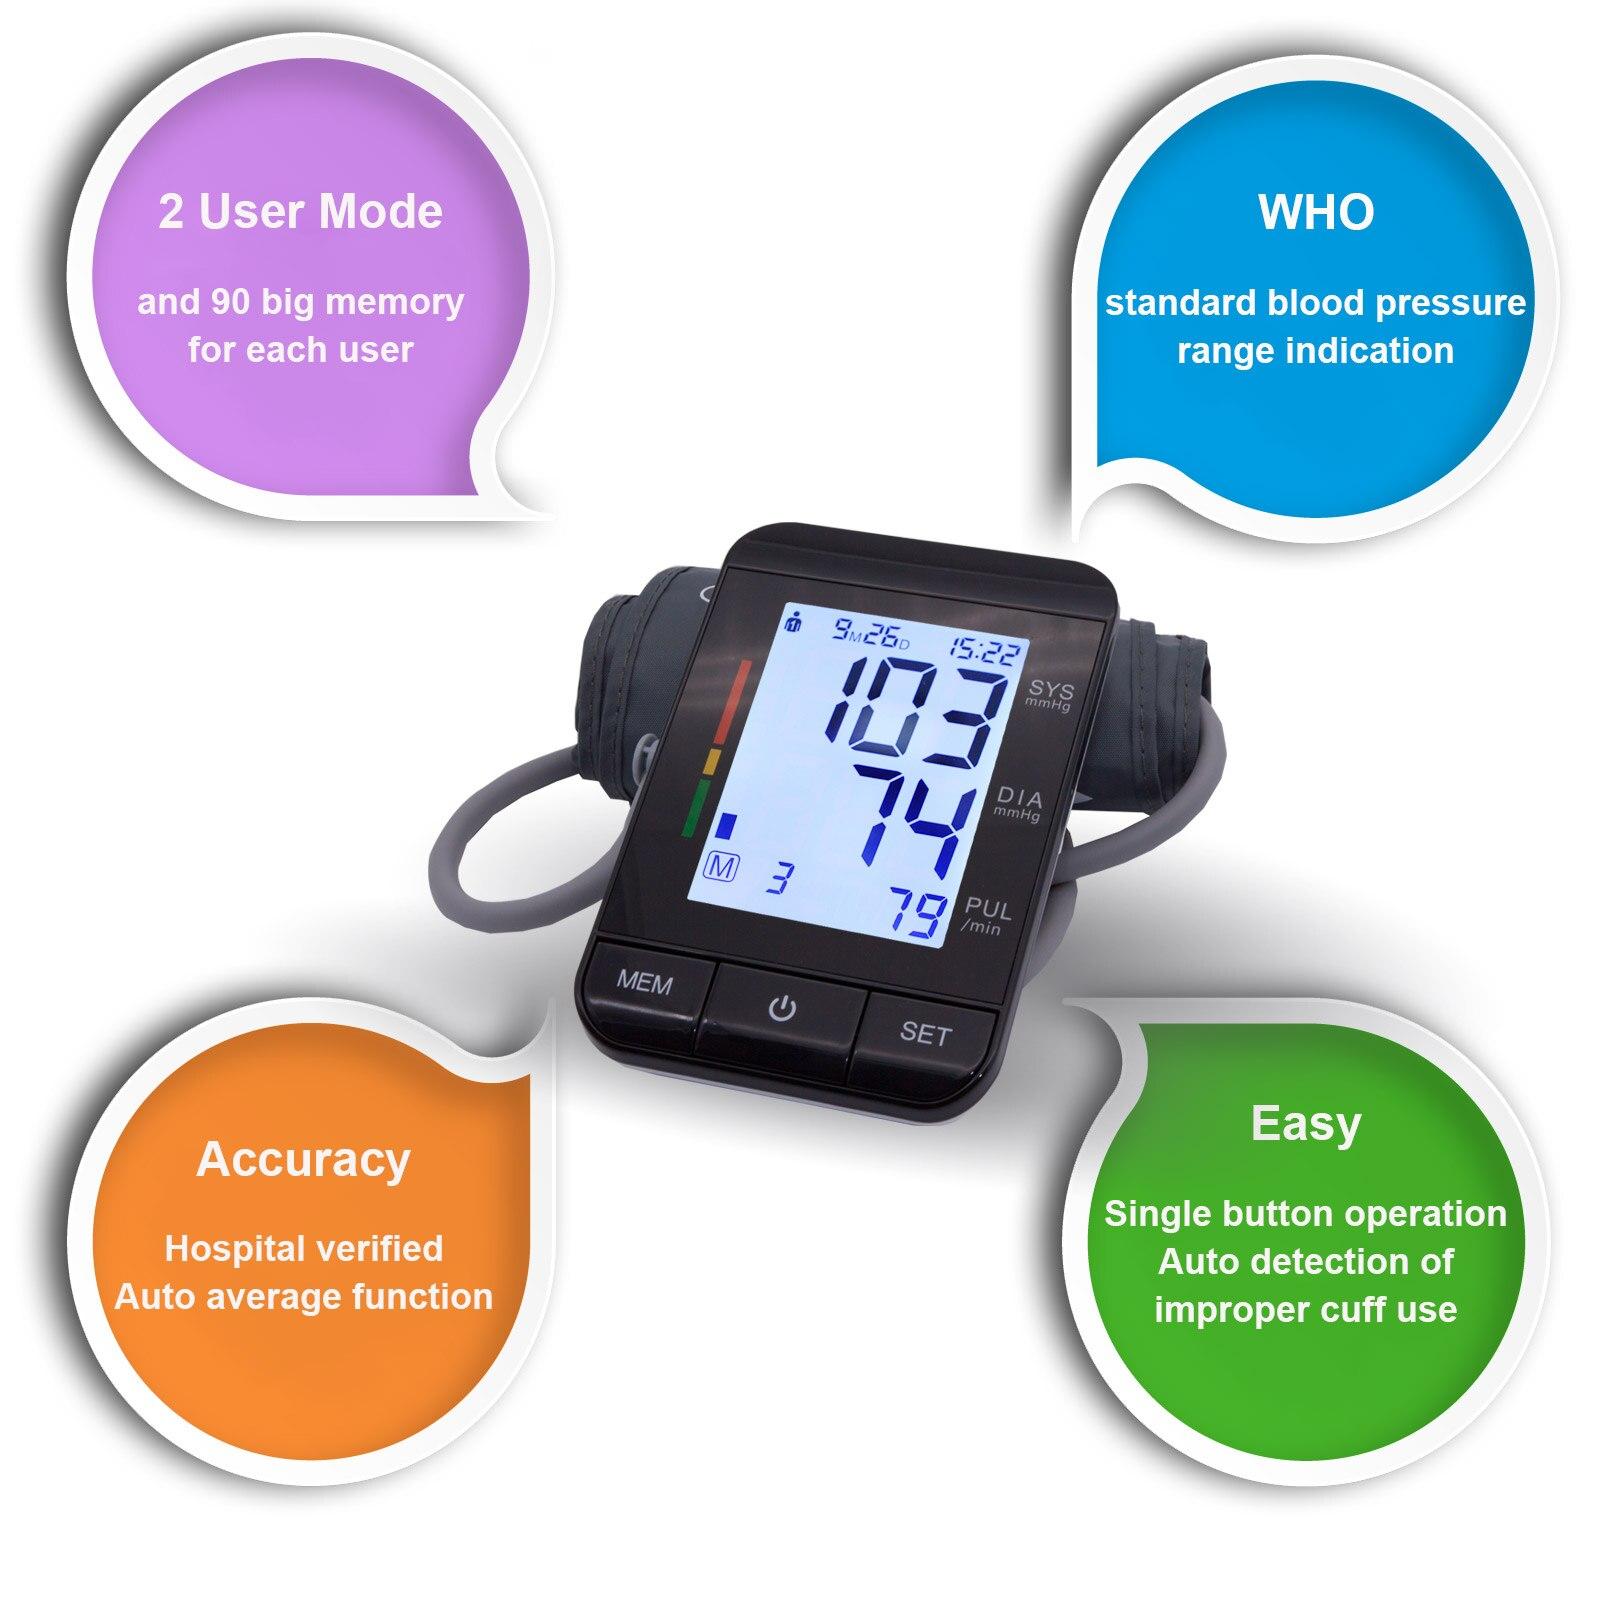 Auto Digitale Oberen Arm Blutdruck Monitor Große Manschette Heart Beat Meter Maschine Hause BP Gesundheit Pflege Antarestec PH20